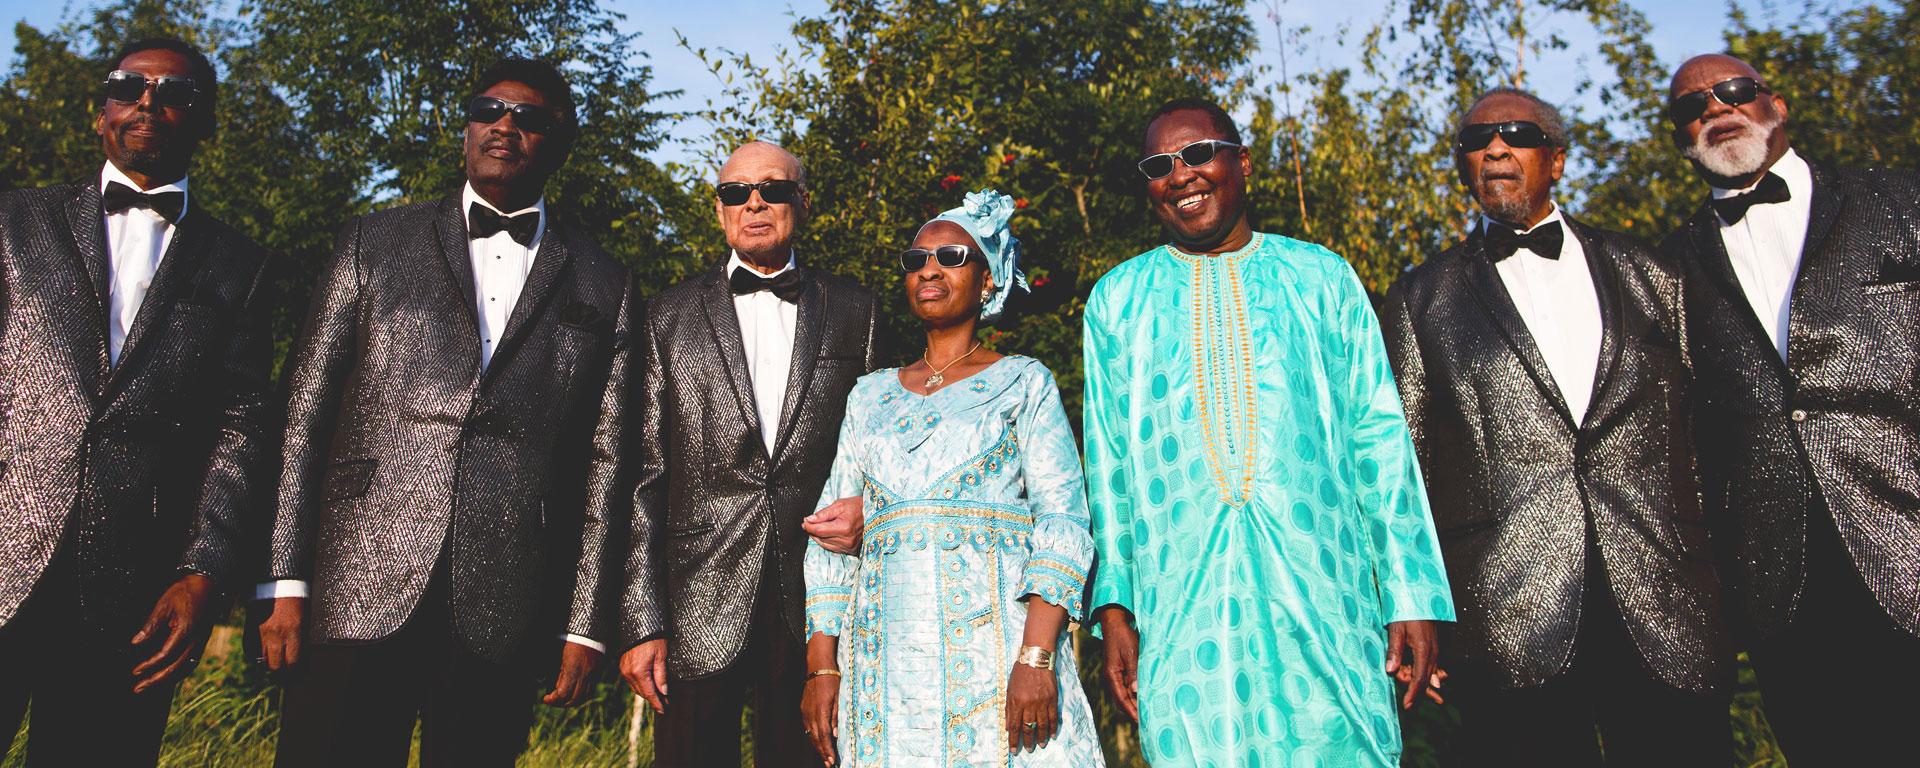 Amadou & Mariam & The Blind Boys of Alabama